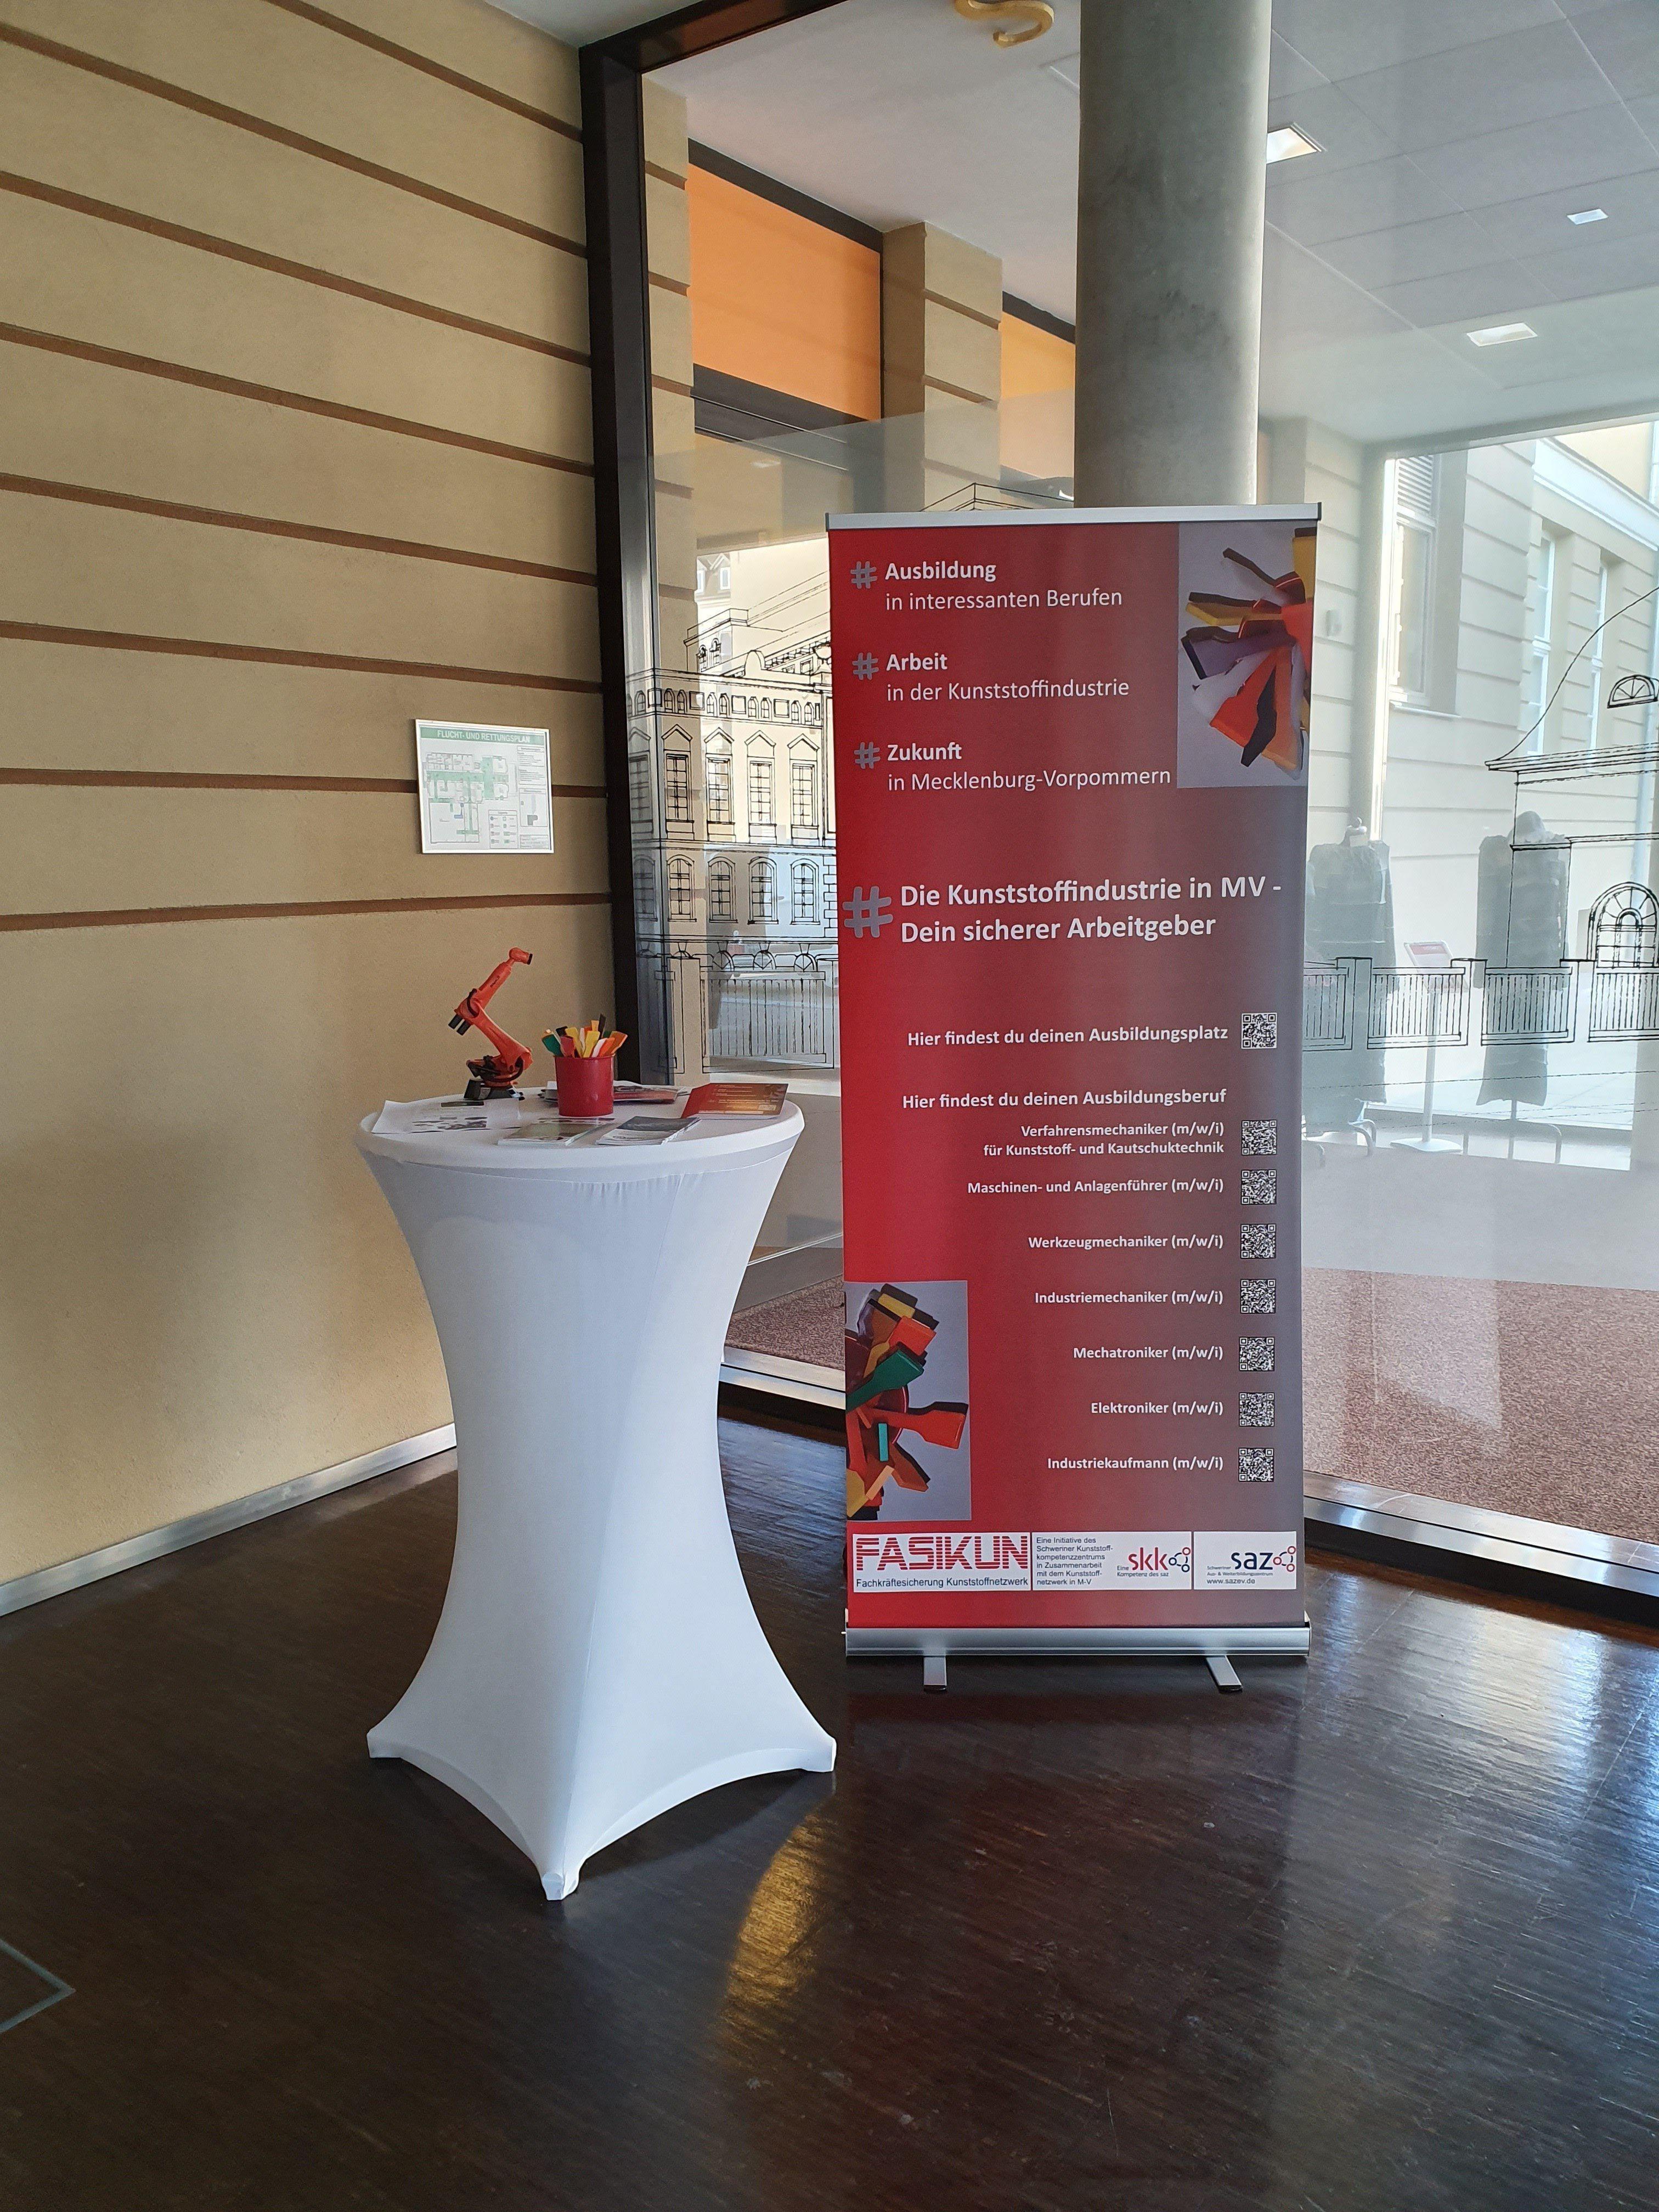 2019-09-11_FASIKUN_Schule-trifft-Wirtschaft_Stand_2